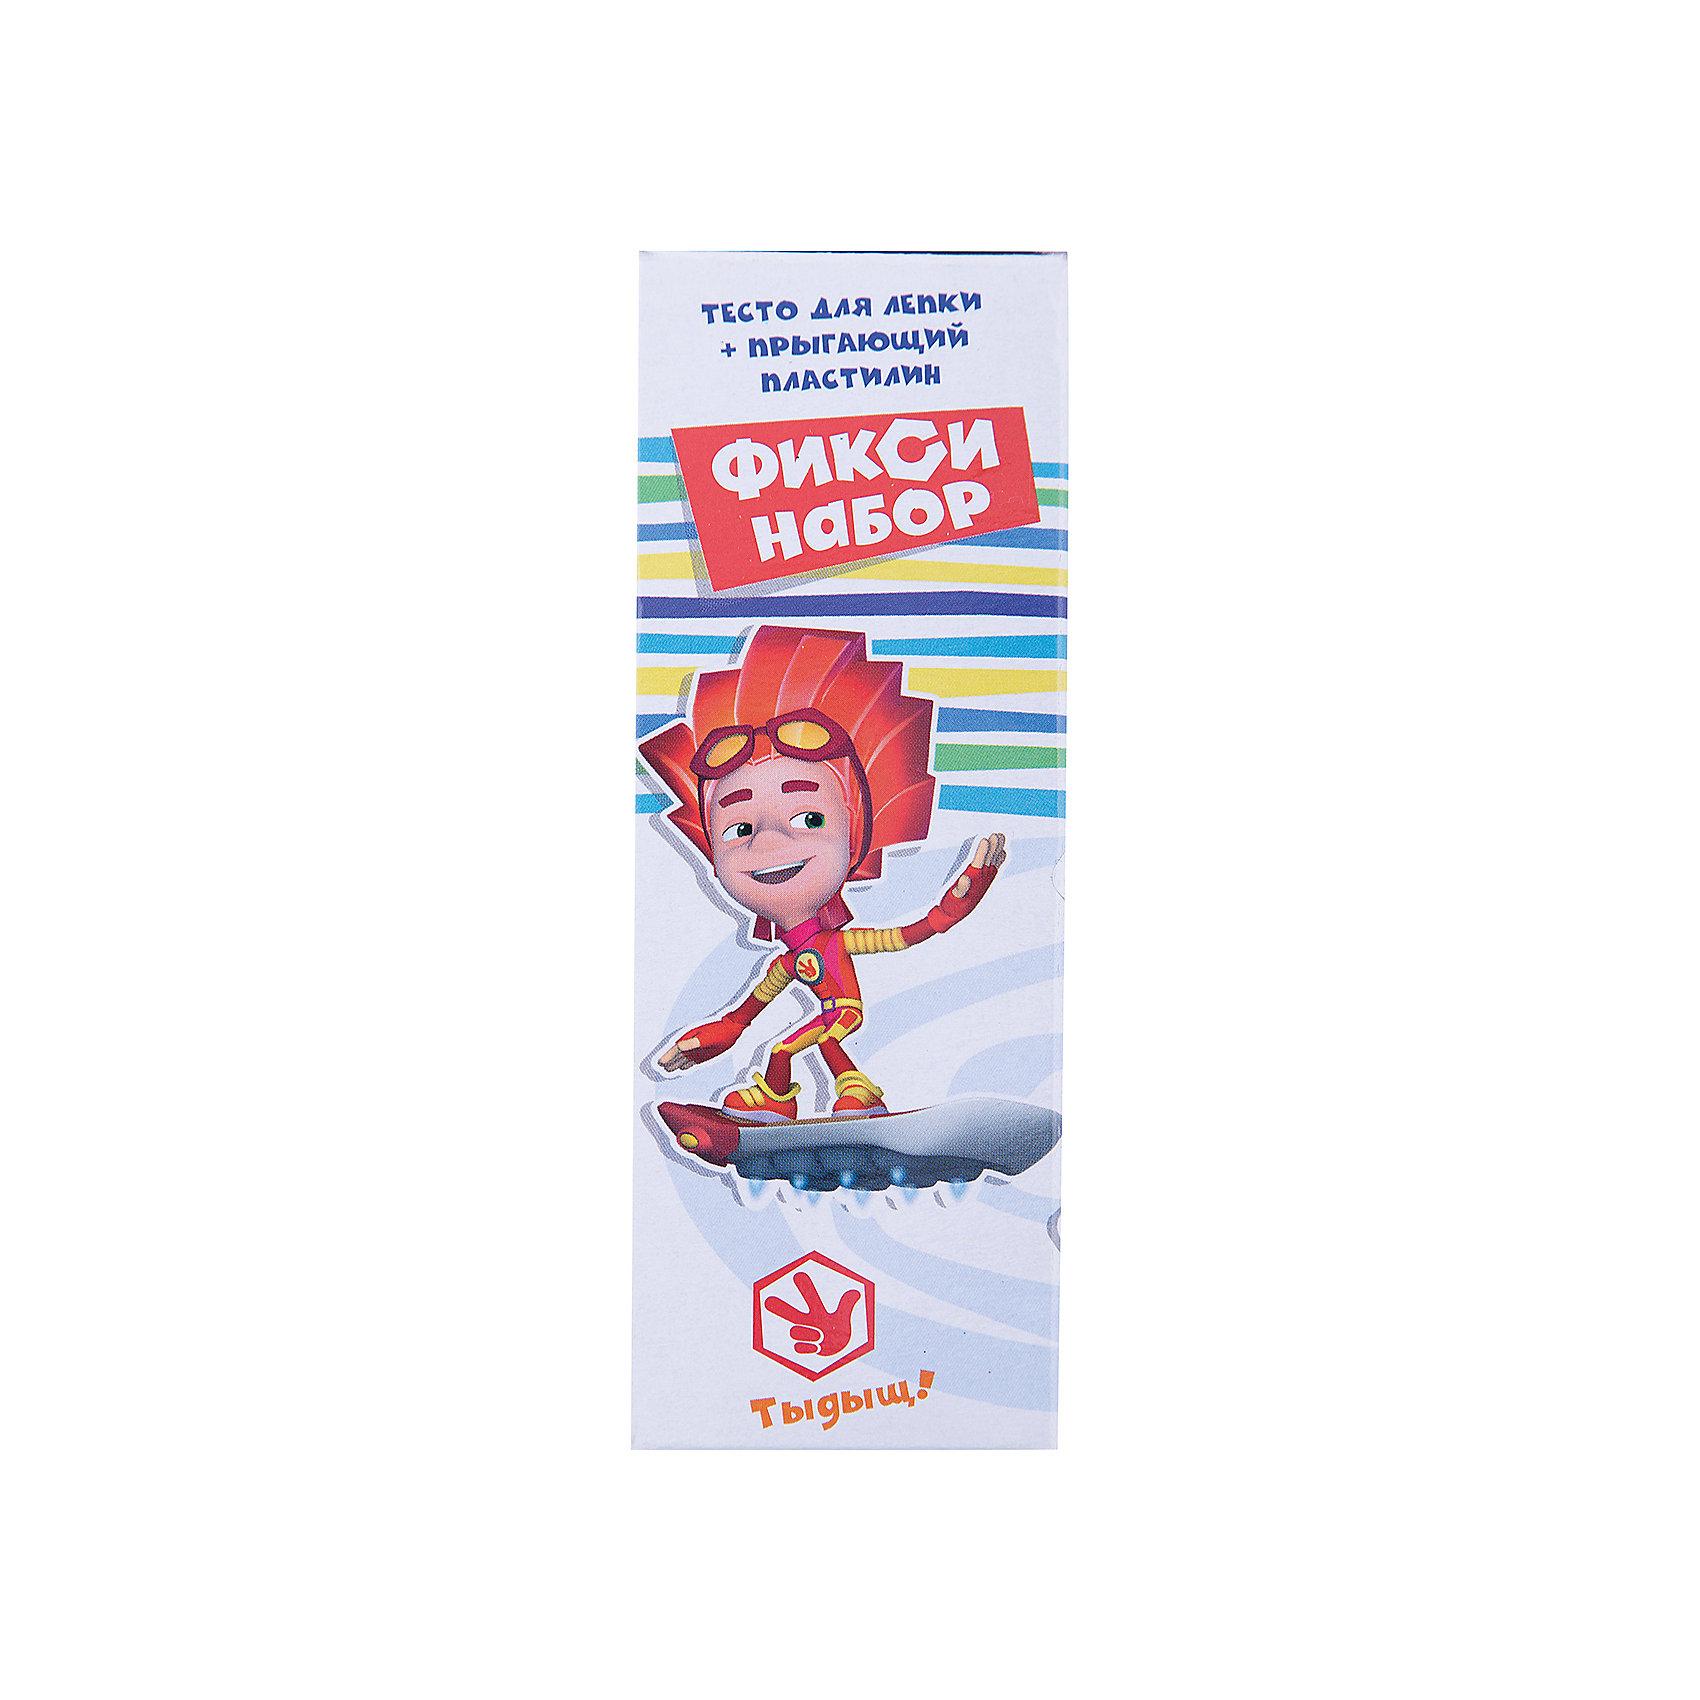 Тесто для лепки ФиксикиТесто для лепки<br>Тесто для лепки Фиксики<br> <br>Характеристики:<br><br>• В наборе: 4 баночек по 45 гр., 1 баночка прыгающего пластилина 21 гр. <br>• Размер упаковки: 18 * 5 * 6 см.<br>• Вес: 205 г.<br>• Для детей в возрасте: от 3-х лет<br>• Страна производитель: Китай<br><br>Тесто изготовлено на основе кукурузного крахмала, легко разминается и обладает яркими цветами. В набор входят нужные для лепки четыре цвета (красный, жёлтый, зелёный, синий), которые можно смешать между собой. Весёлый прыгающий пластилин можно формировать в шарики, которые будут отпрыгивать от любых поверхностей, превращая лепку в активную игру. Занимаясь лепкой дети развивают моторику рук, творческие способности, восприятие цветов и их сочетаний, а также лепка благотворно влияет на развитие речи, координацию движений, память и логическое мышление. <br><br>Тесто для лепки Фиксики можно купить в нашем интернет-магазине.<br><br>Ширина мм: 51<br>Глубина мм: 64<br>Высота мм: 182<br>Вес г: 205<br>Возраст от месяцев: 36<br>Возраст до месяцев: 2147483647<br>Пол: Унисекс<br>Возраст: Детский<br>SKU: 5478230